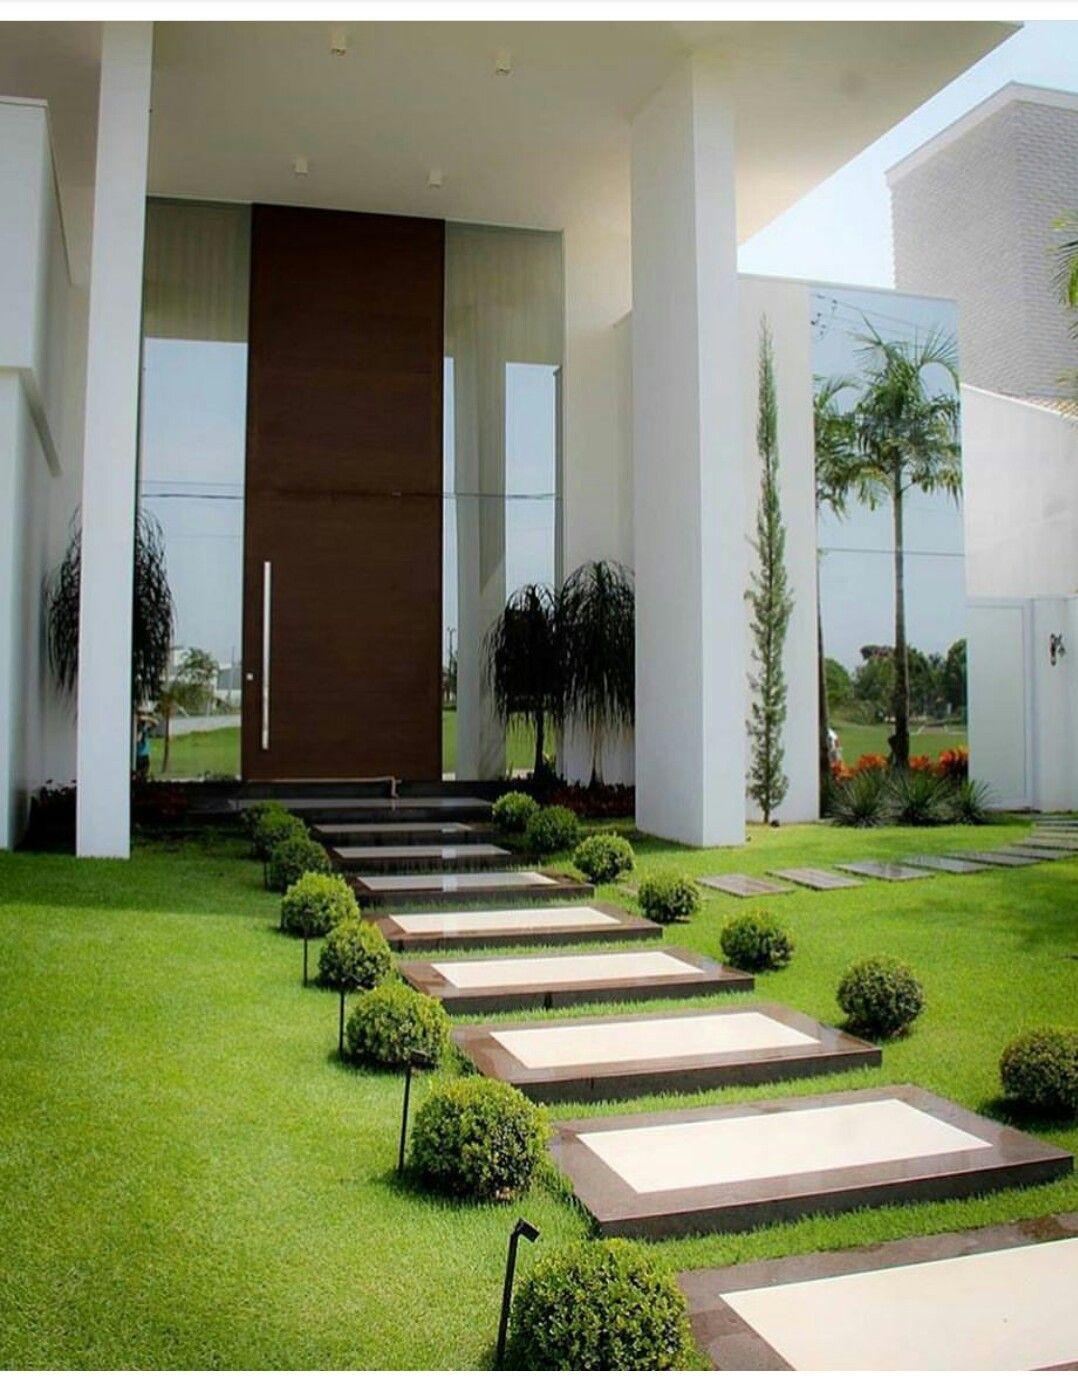 Fotos De Entradas De Casas Con Jardin Novocom Top